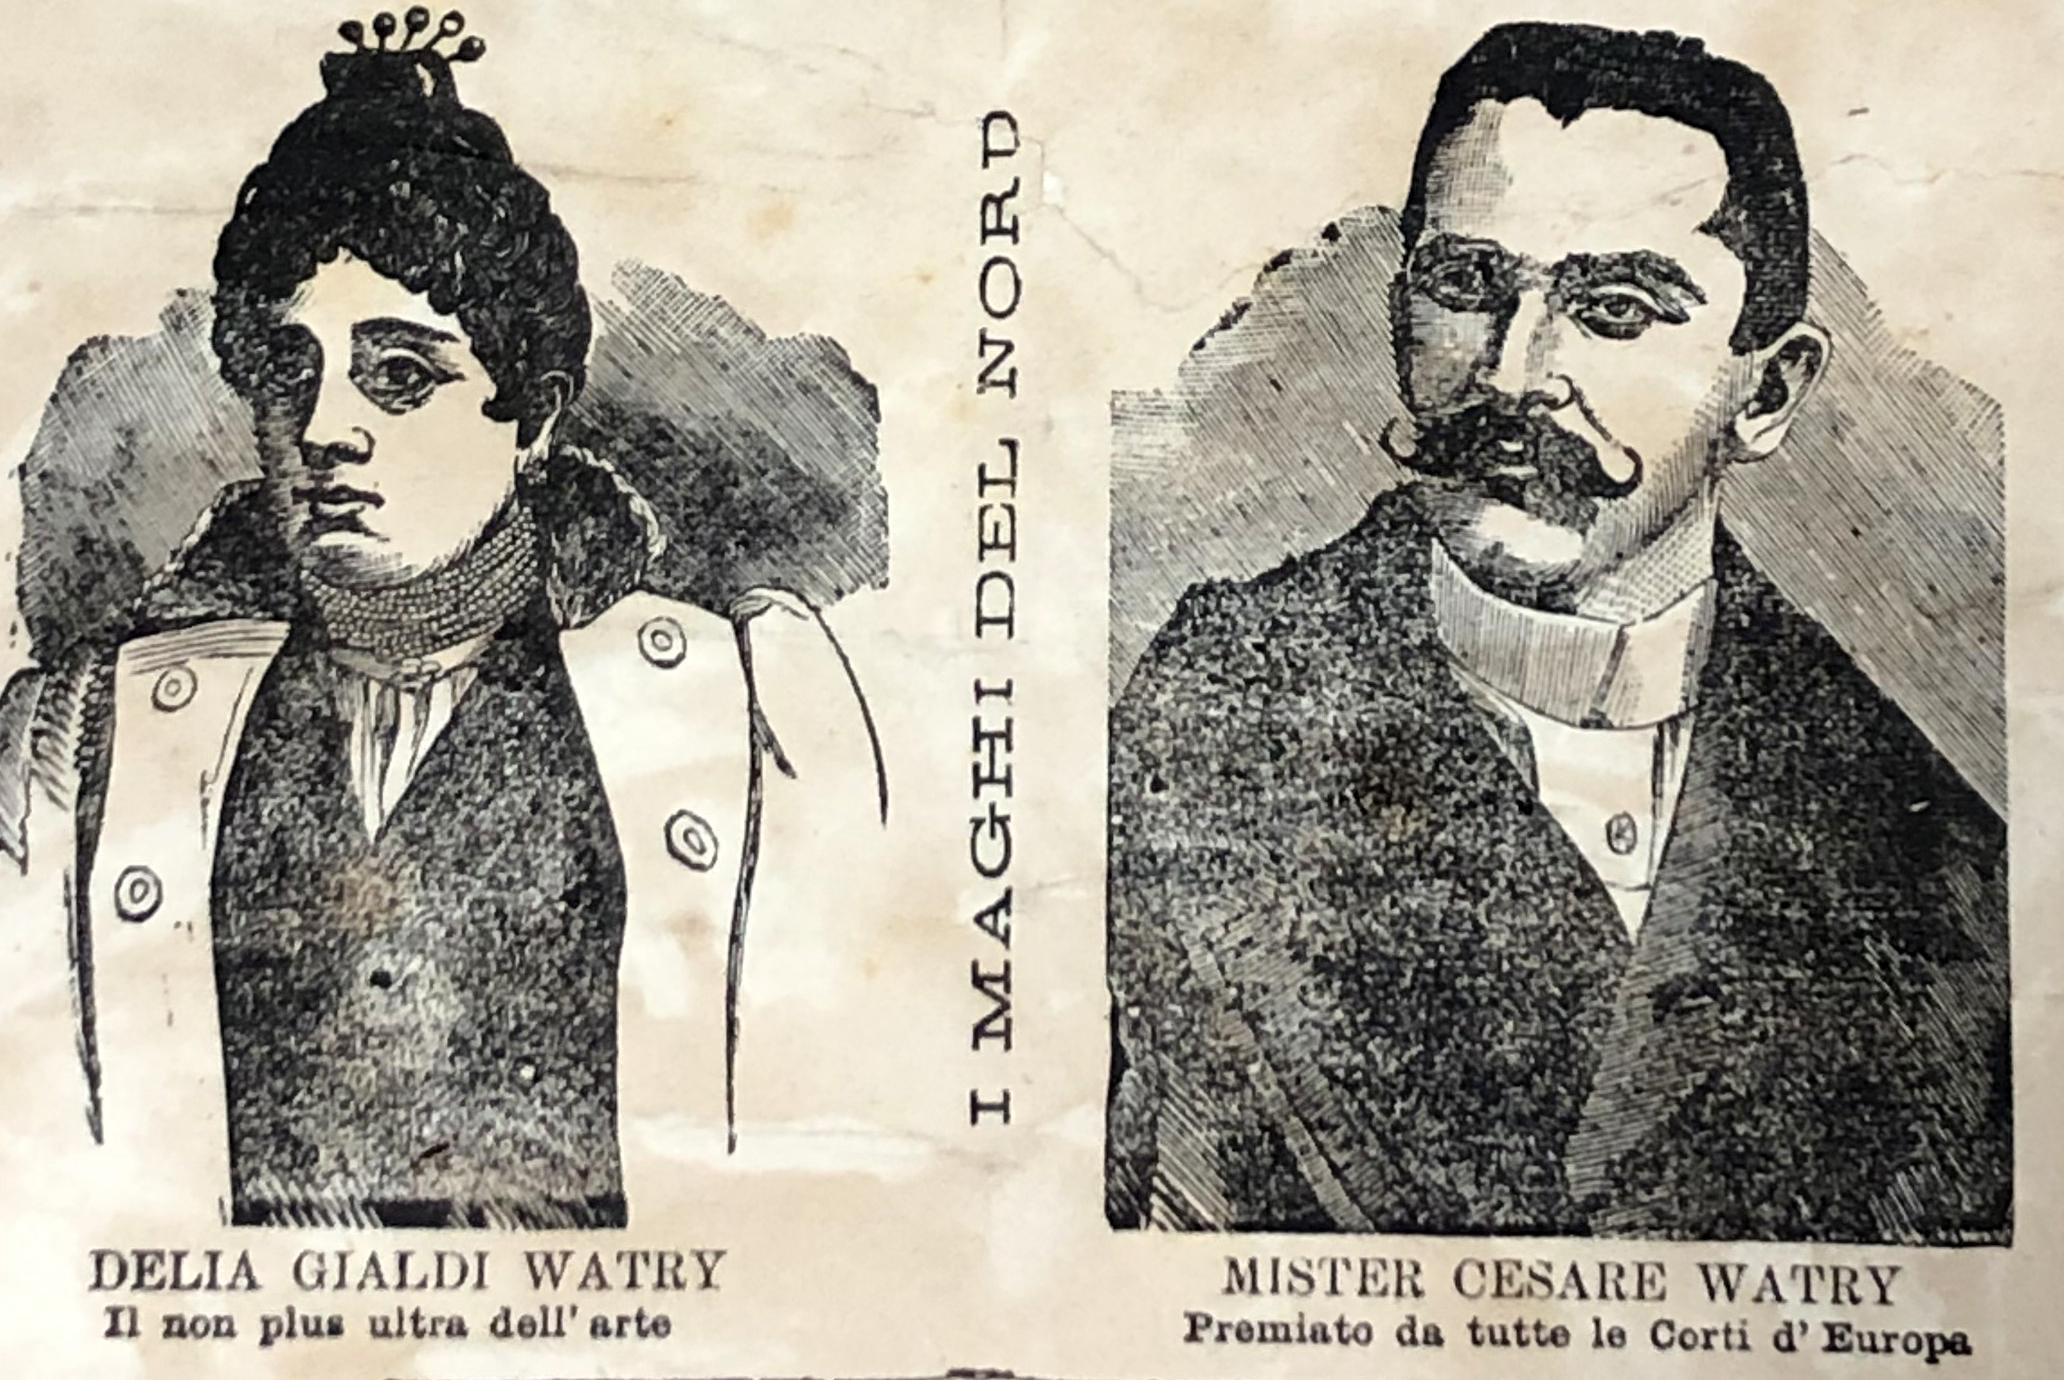 Spettacolo illusionismo | Luglio 1893